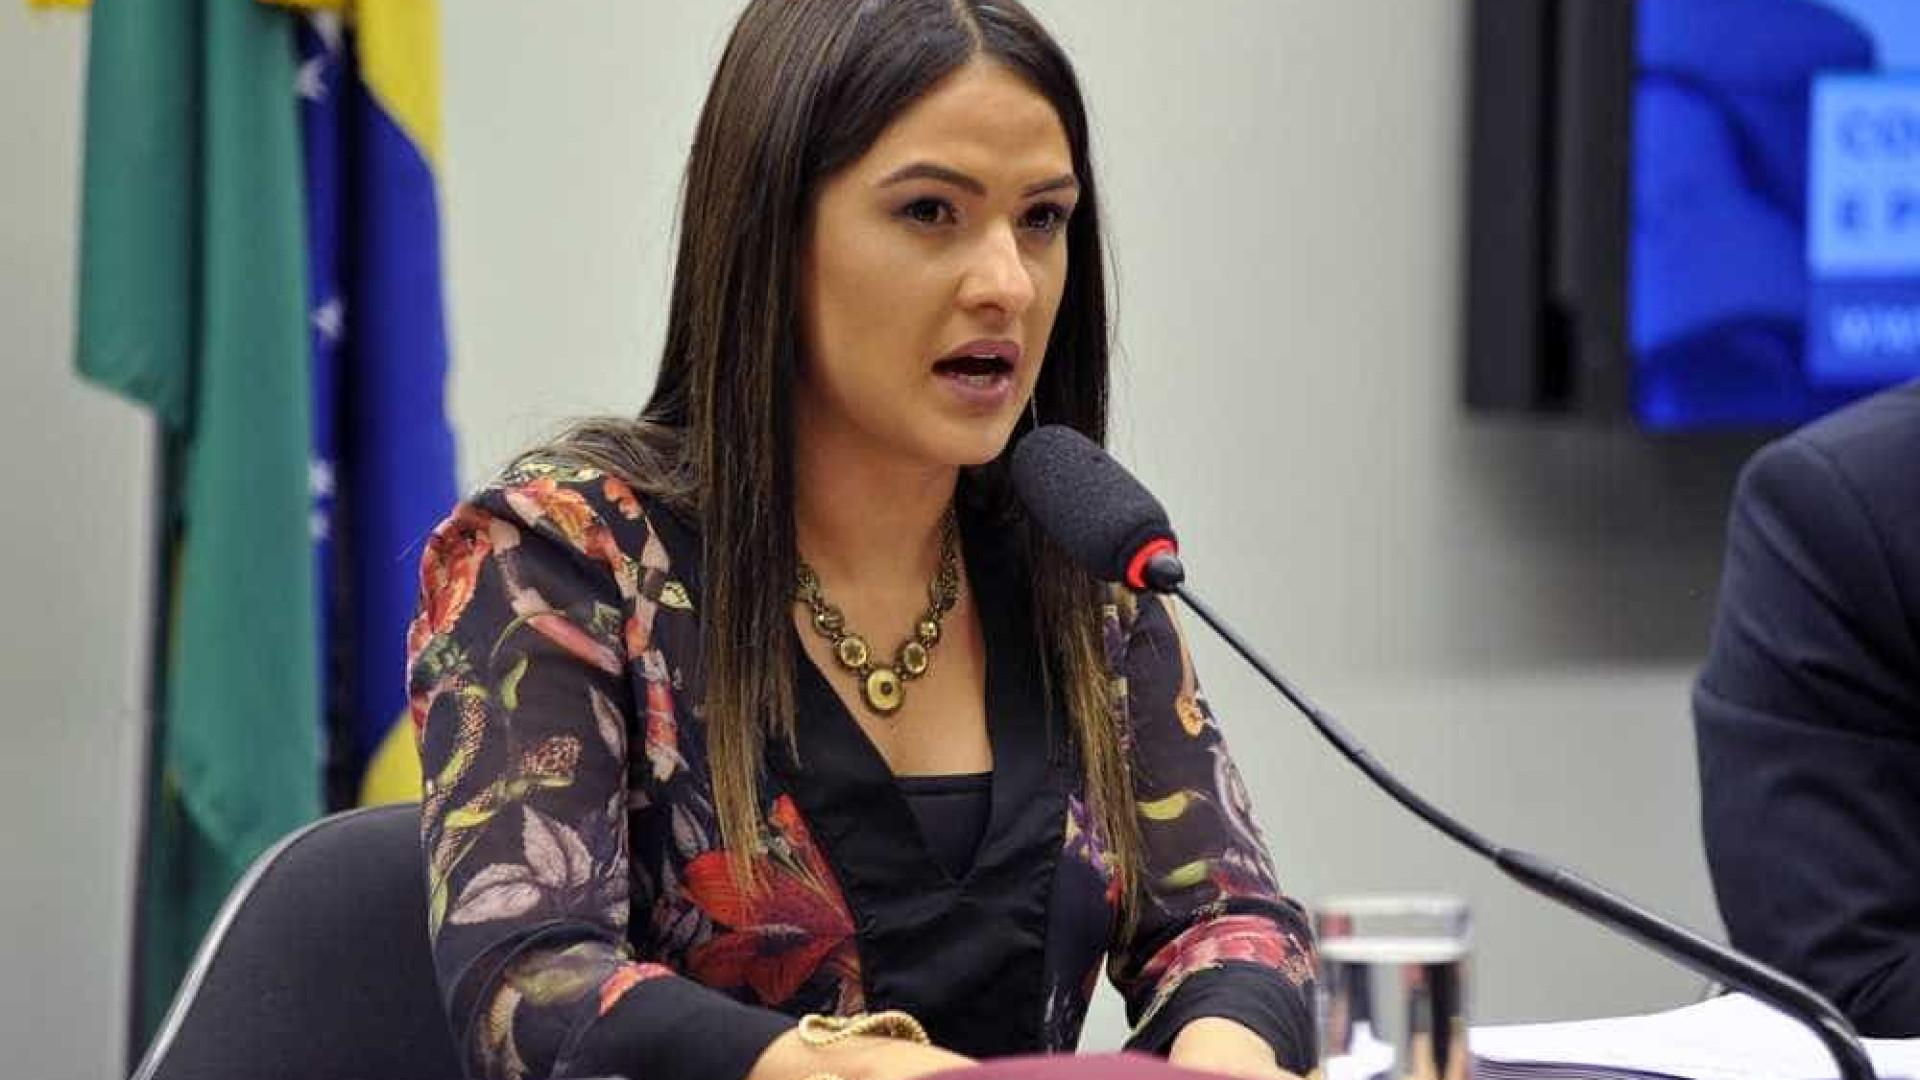 Bruna Furlan critica Bolsonaro: 'Quanto mais decorativo melhor'